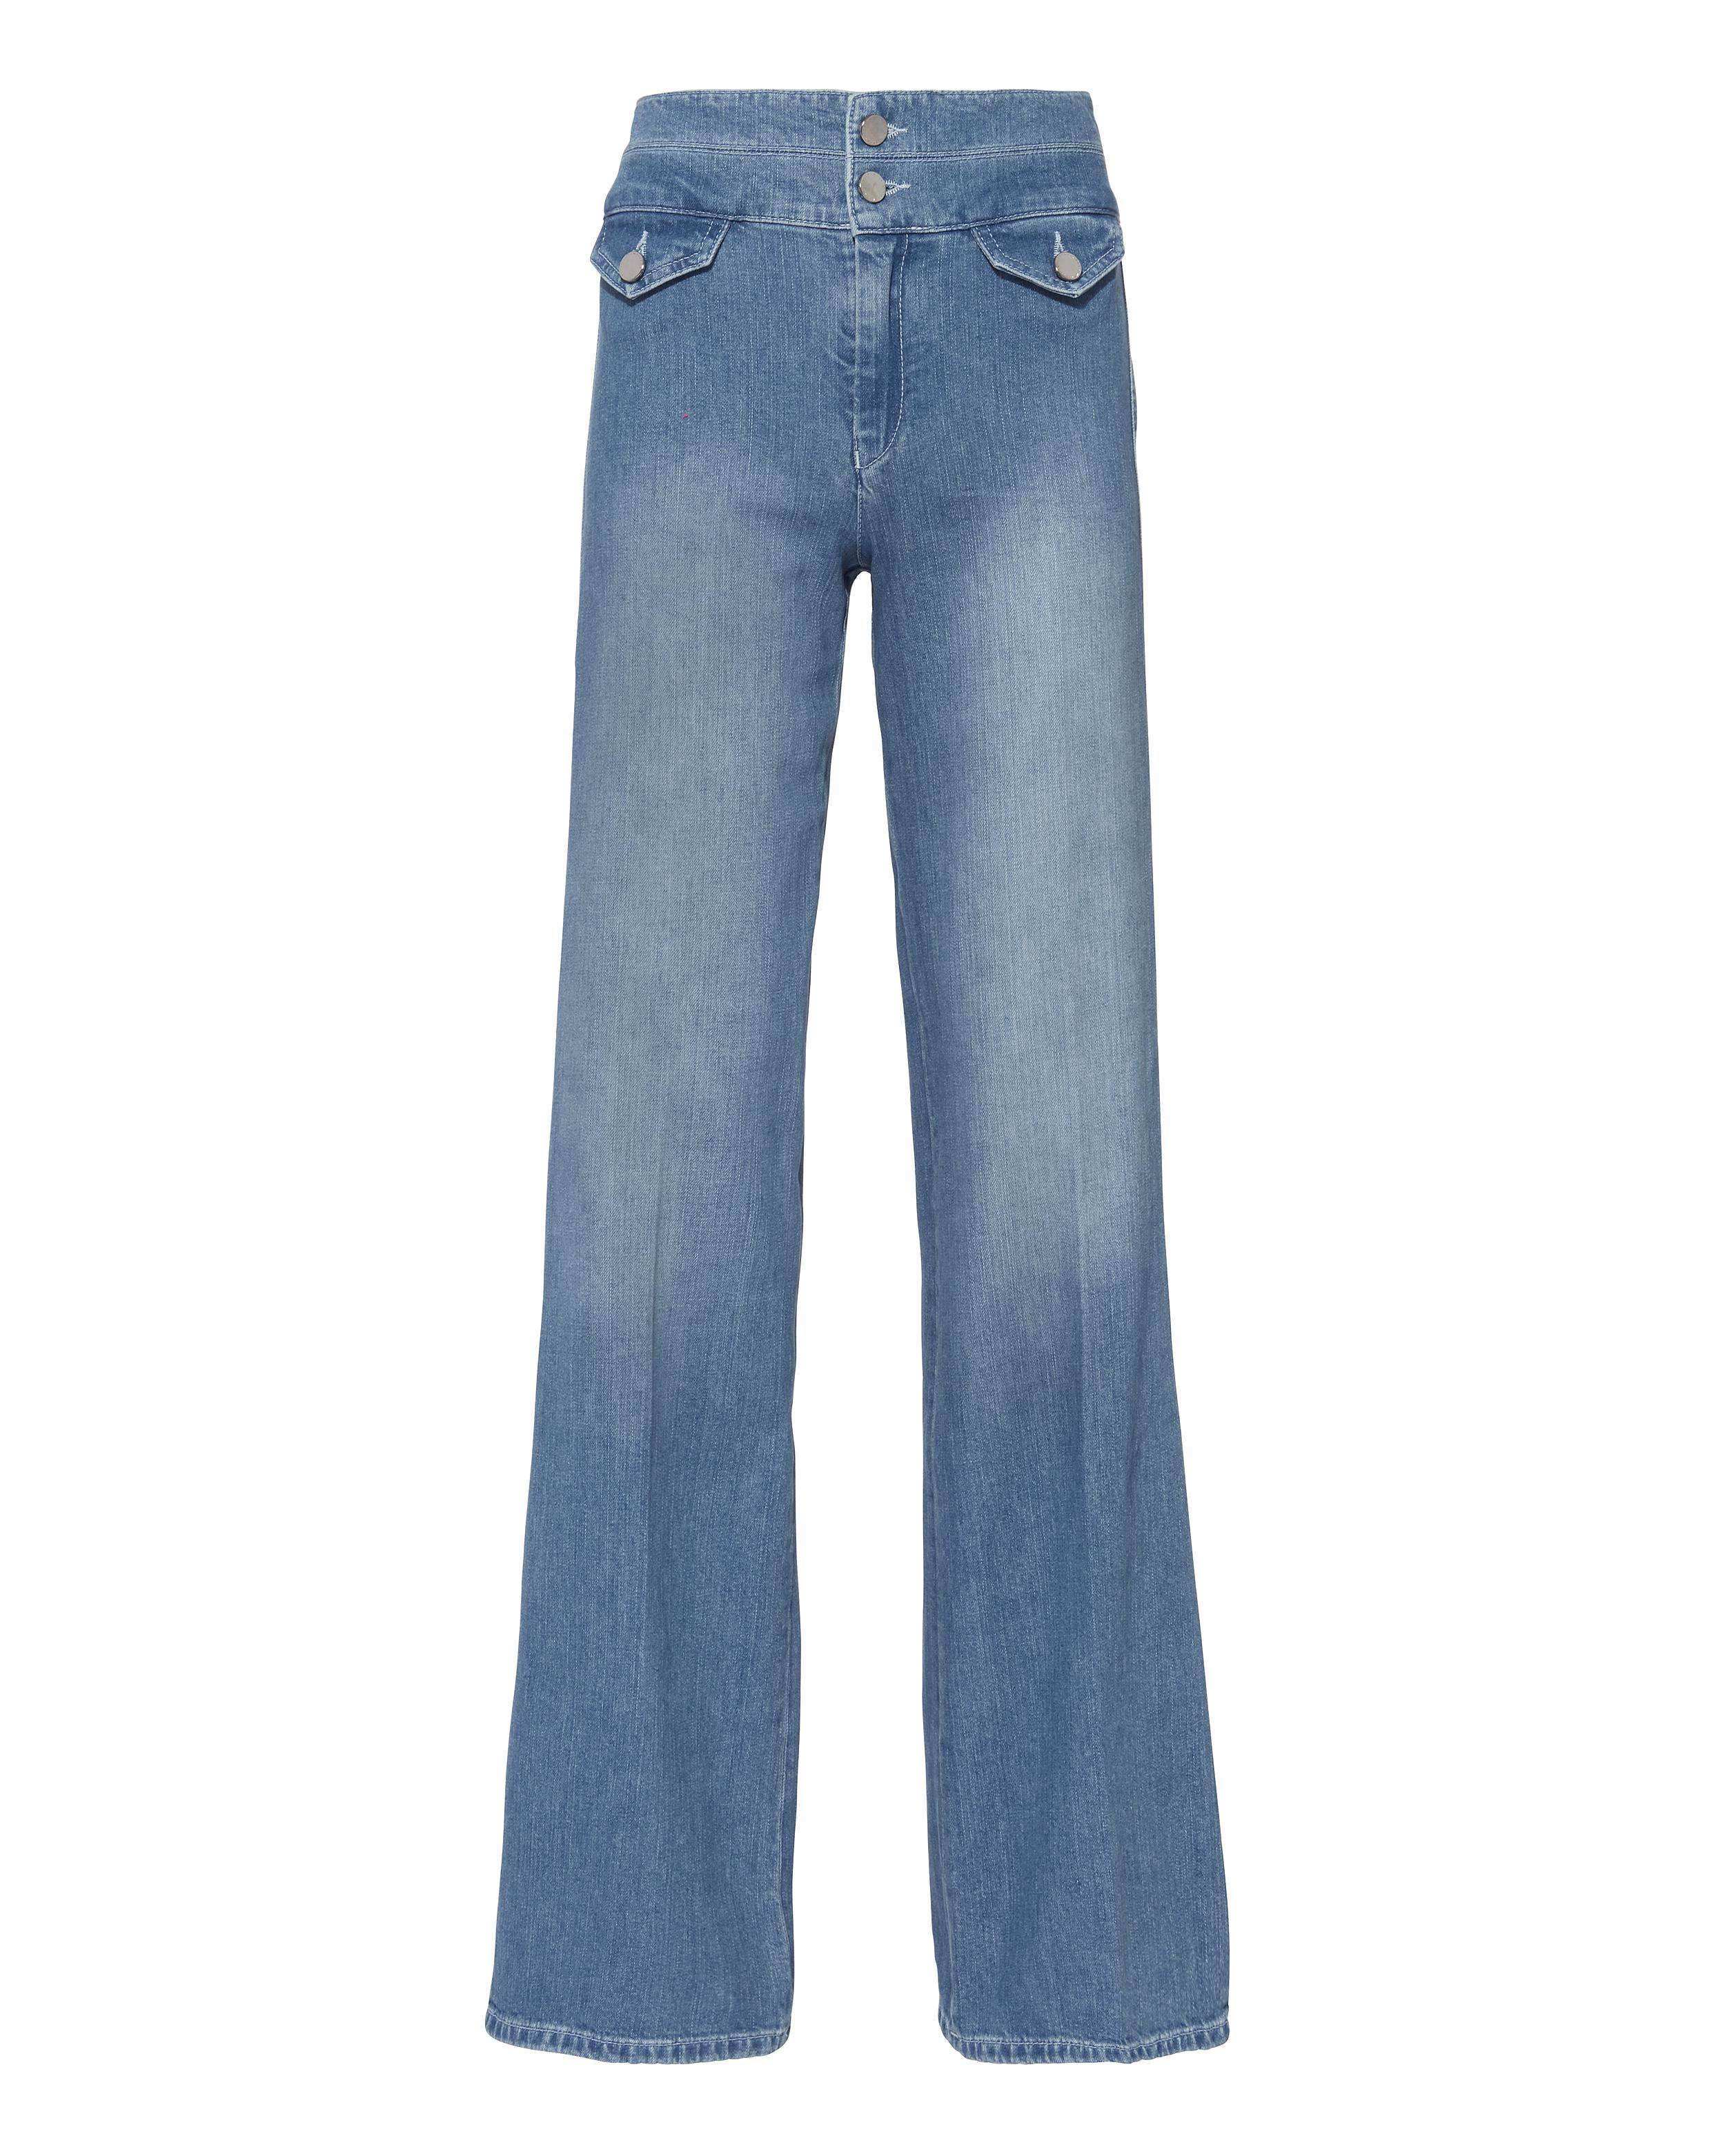 Victoria, Victoria Beckham Woman Low-rise Flared Jeans Dark Denim Size 25 Victoria Beckham